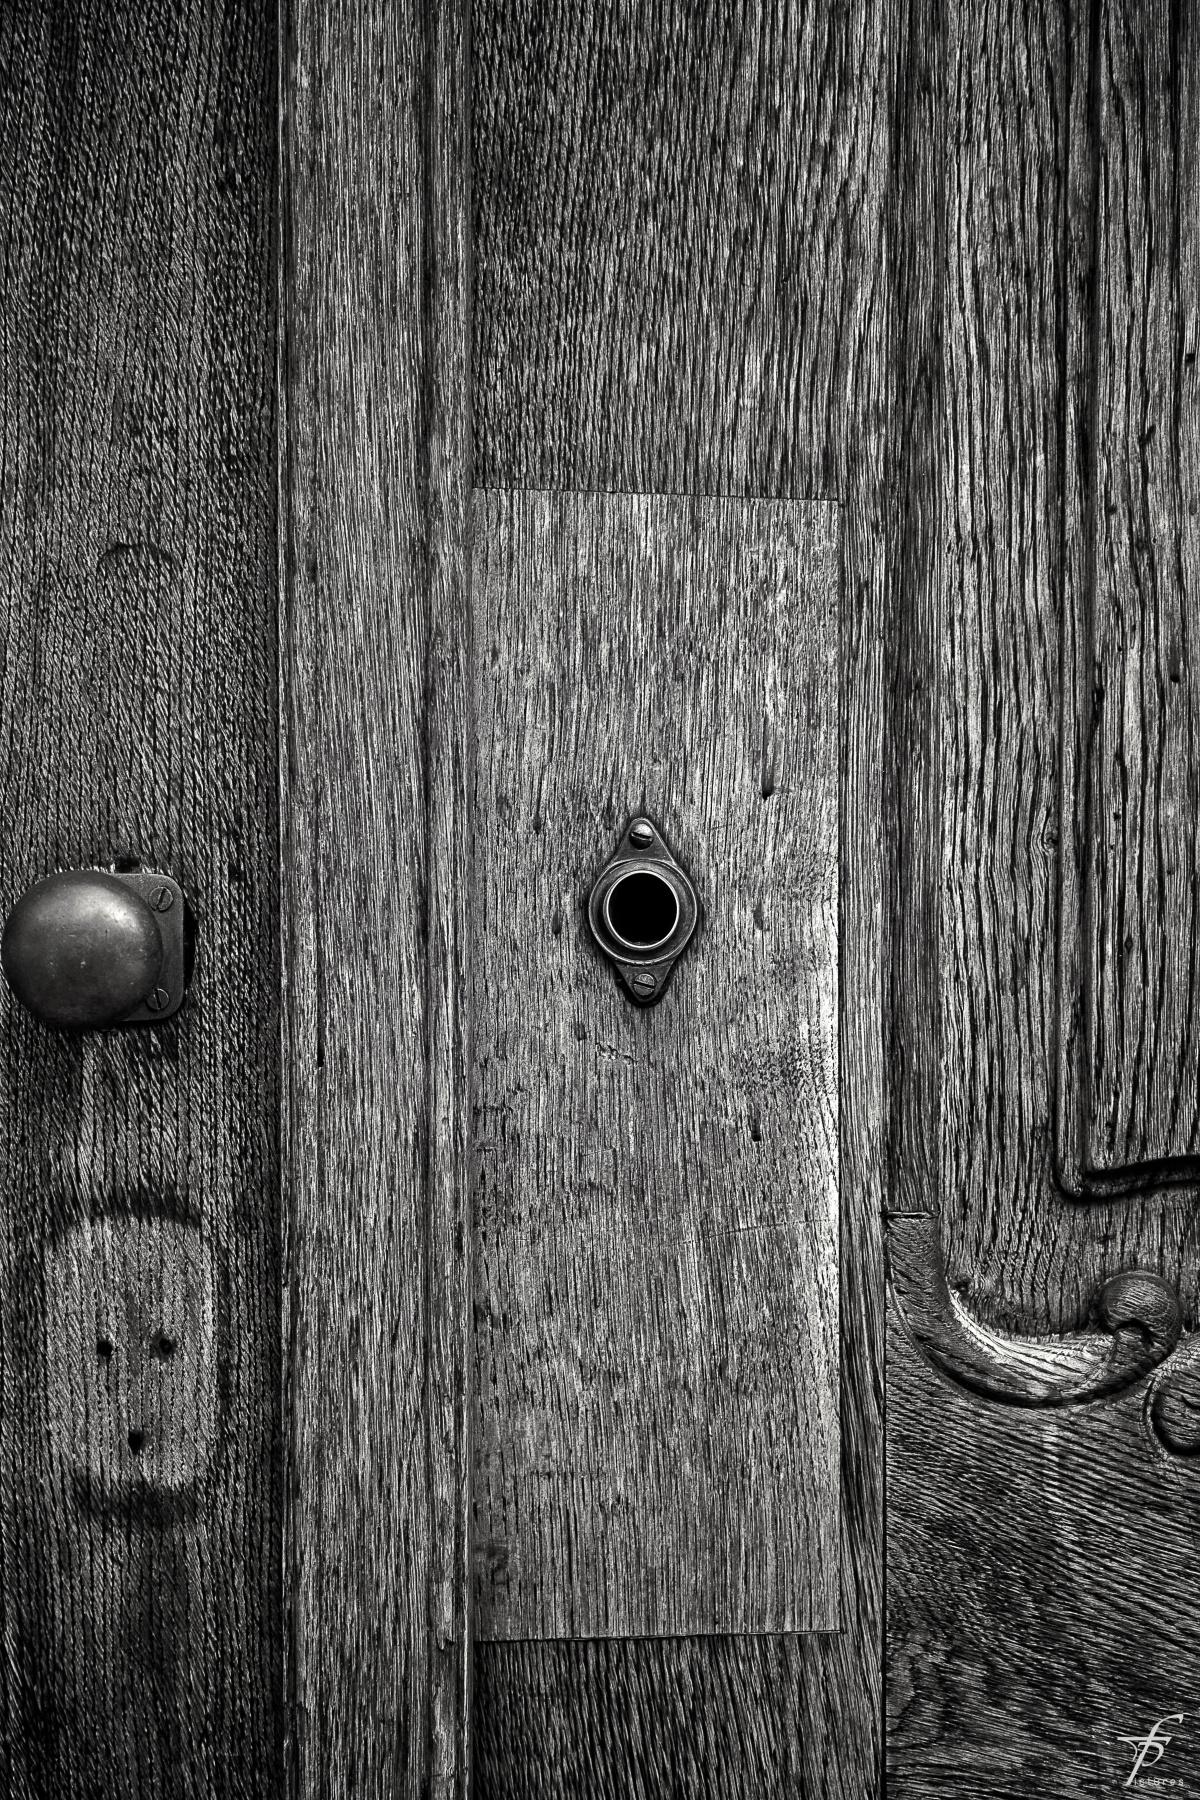 Keyhole, Design, Door, Doorway, Enter, HQ Photo